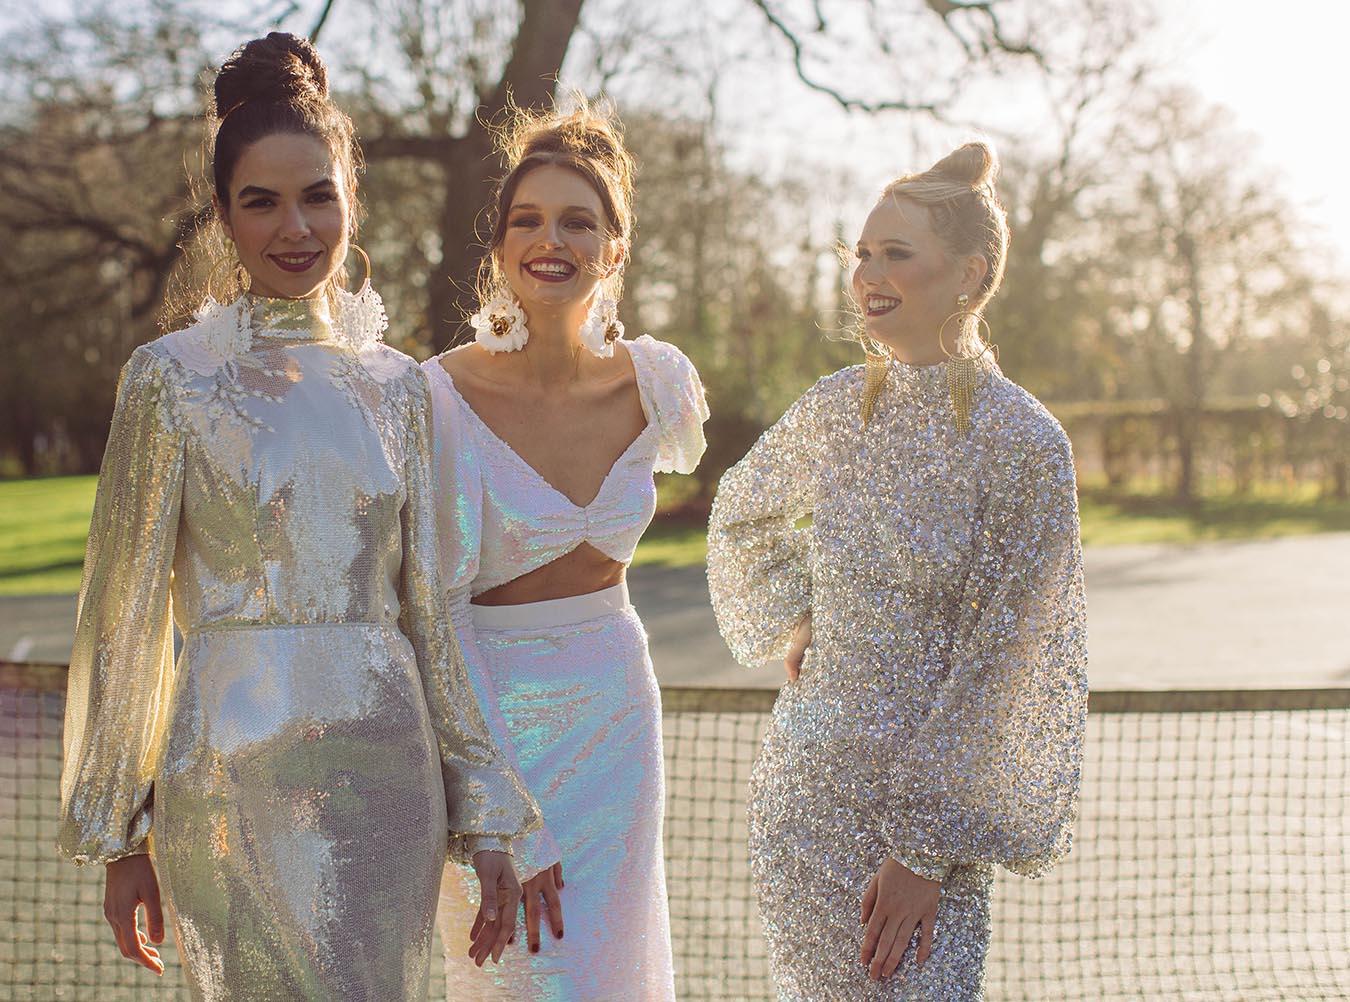 Φορέματα για Γάμο-Βάπτιση: εντυπωσιακές προτάσεις ανάλογα με την τοποθεσία και το σώμα σου!